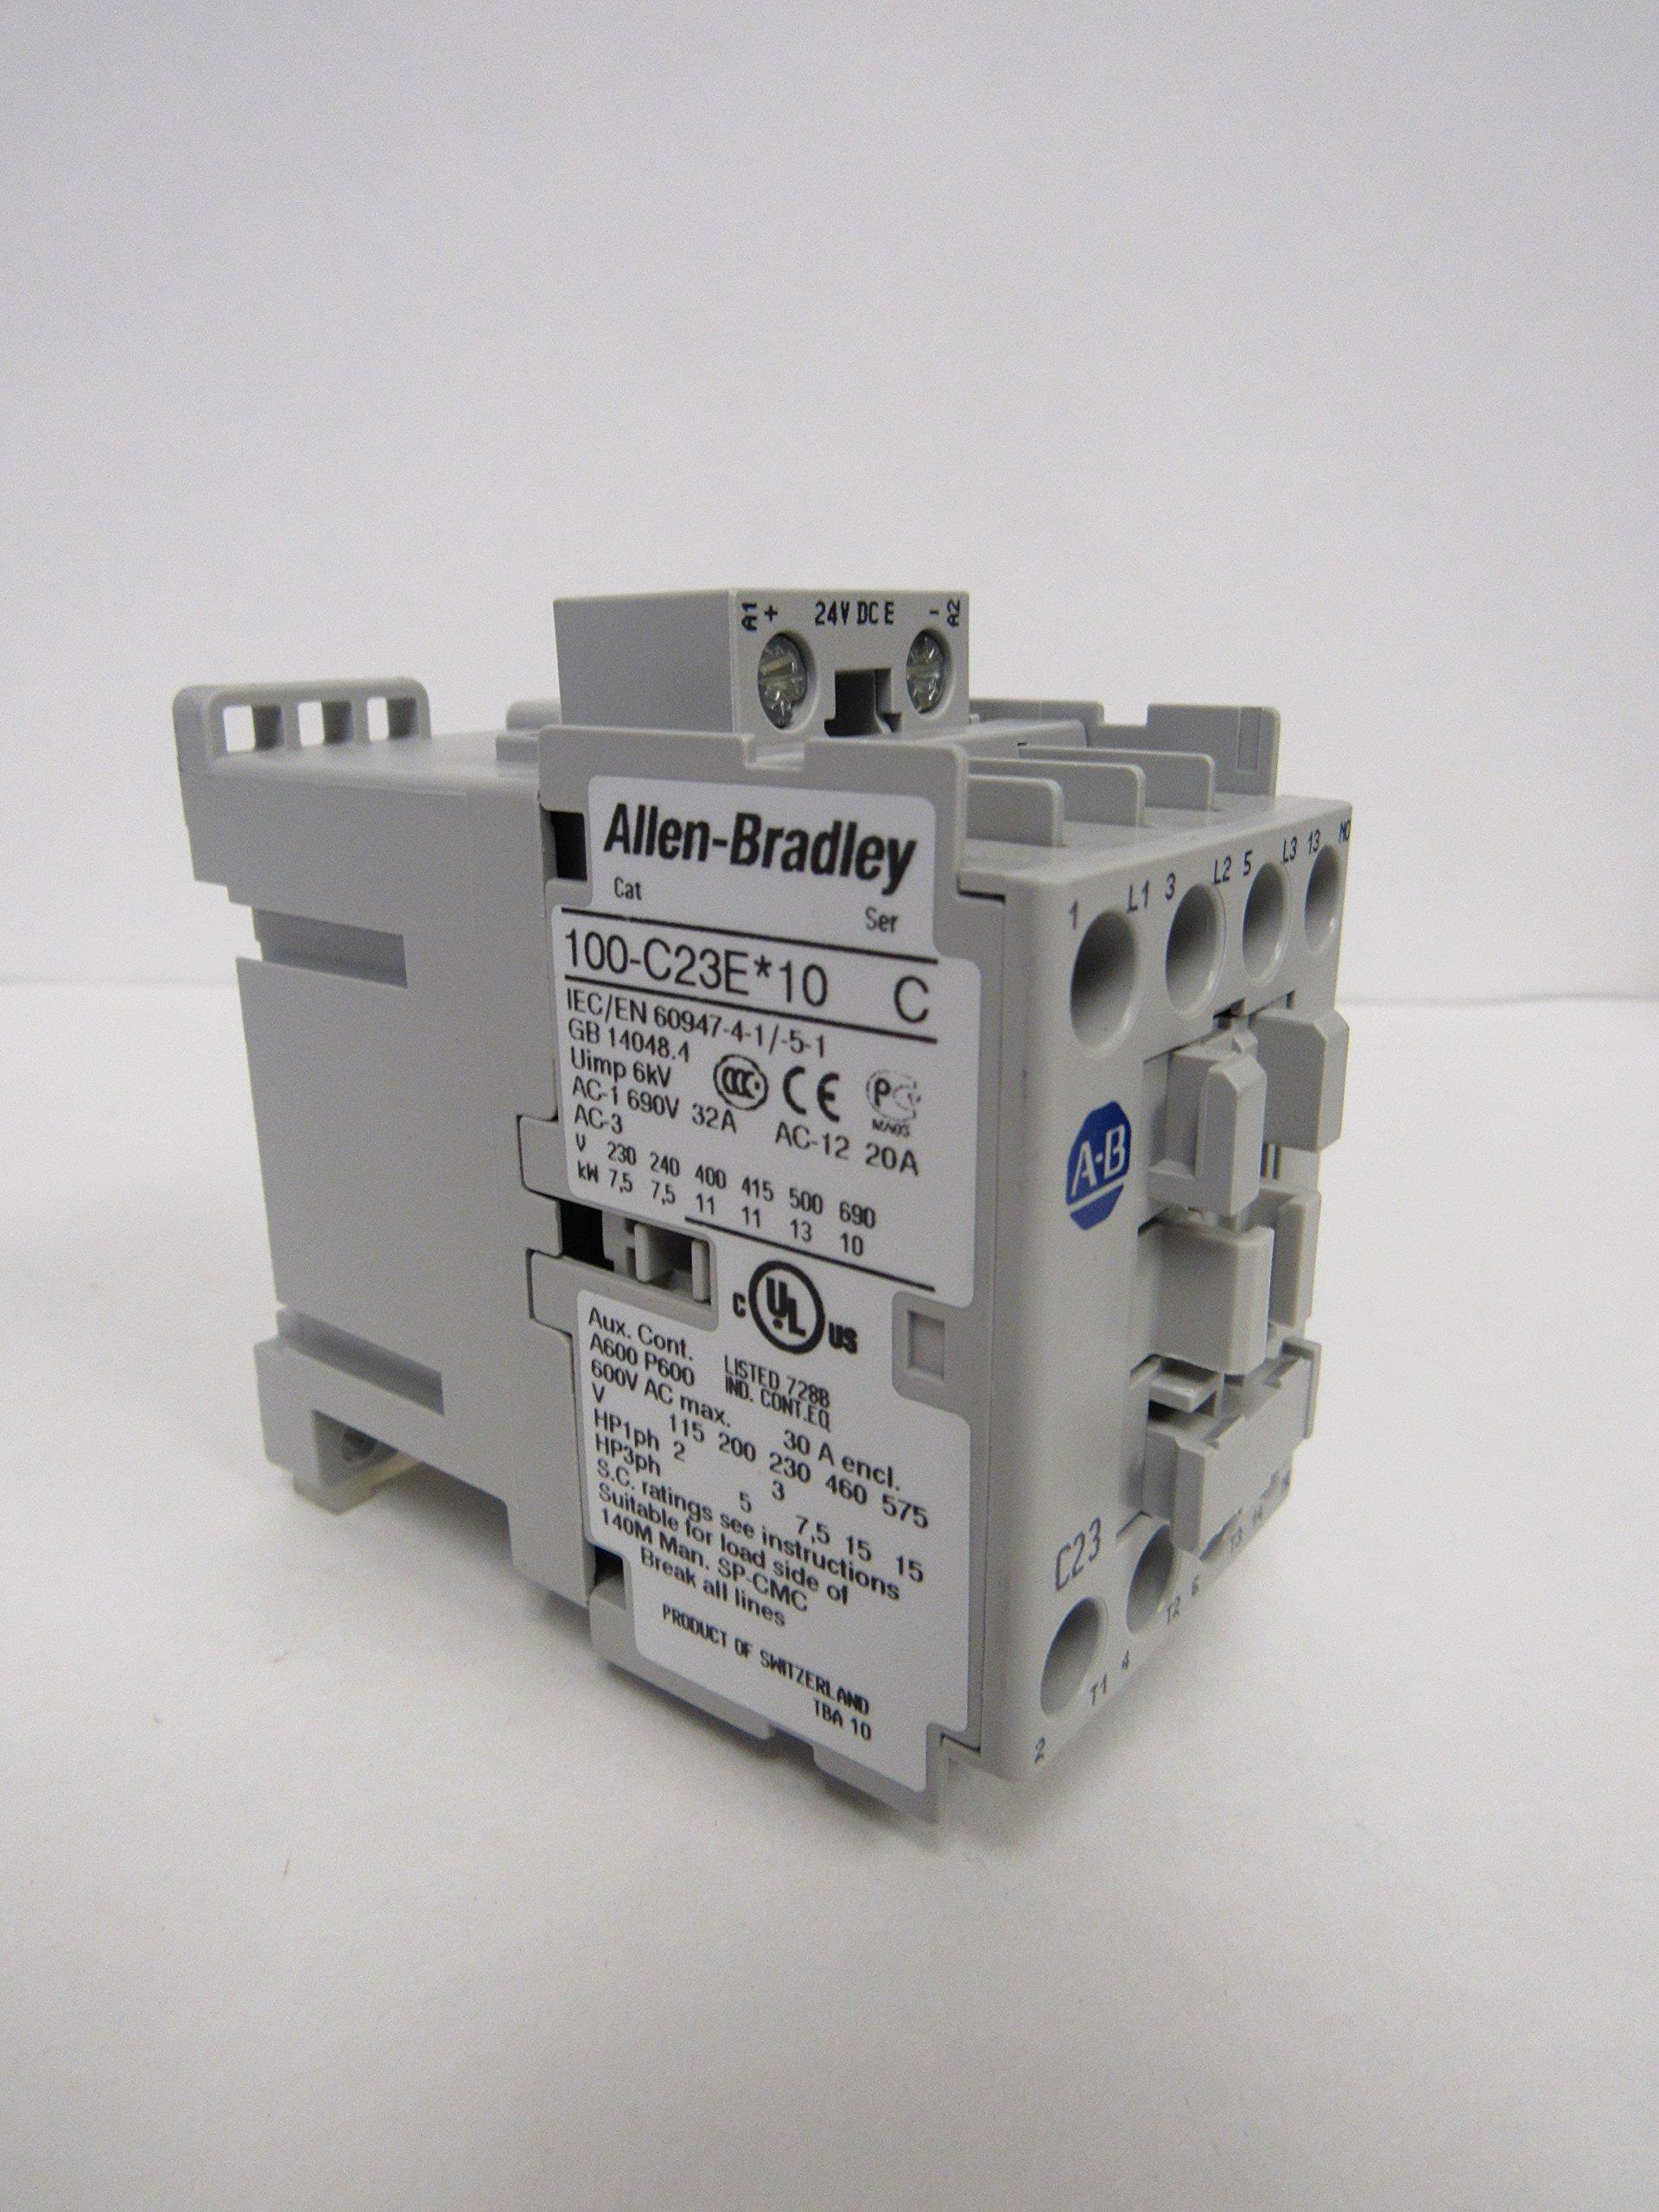 ALLEN-BRADLEY IEC 100-C23EJ10 STANDARD CONTACTOR 23 AMP 24VDC by Allen-Bradley (Image #1)